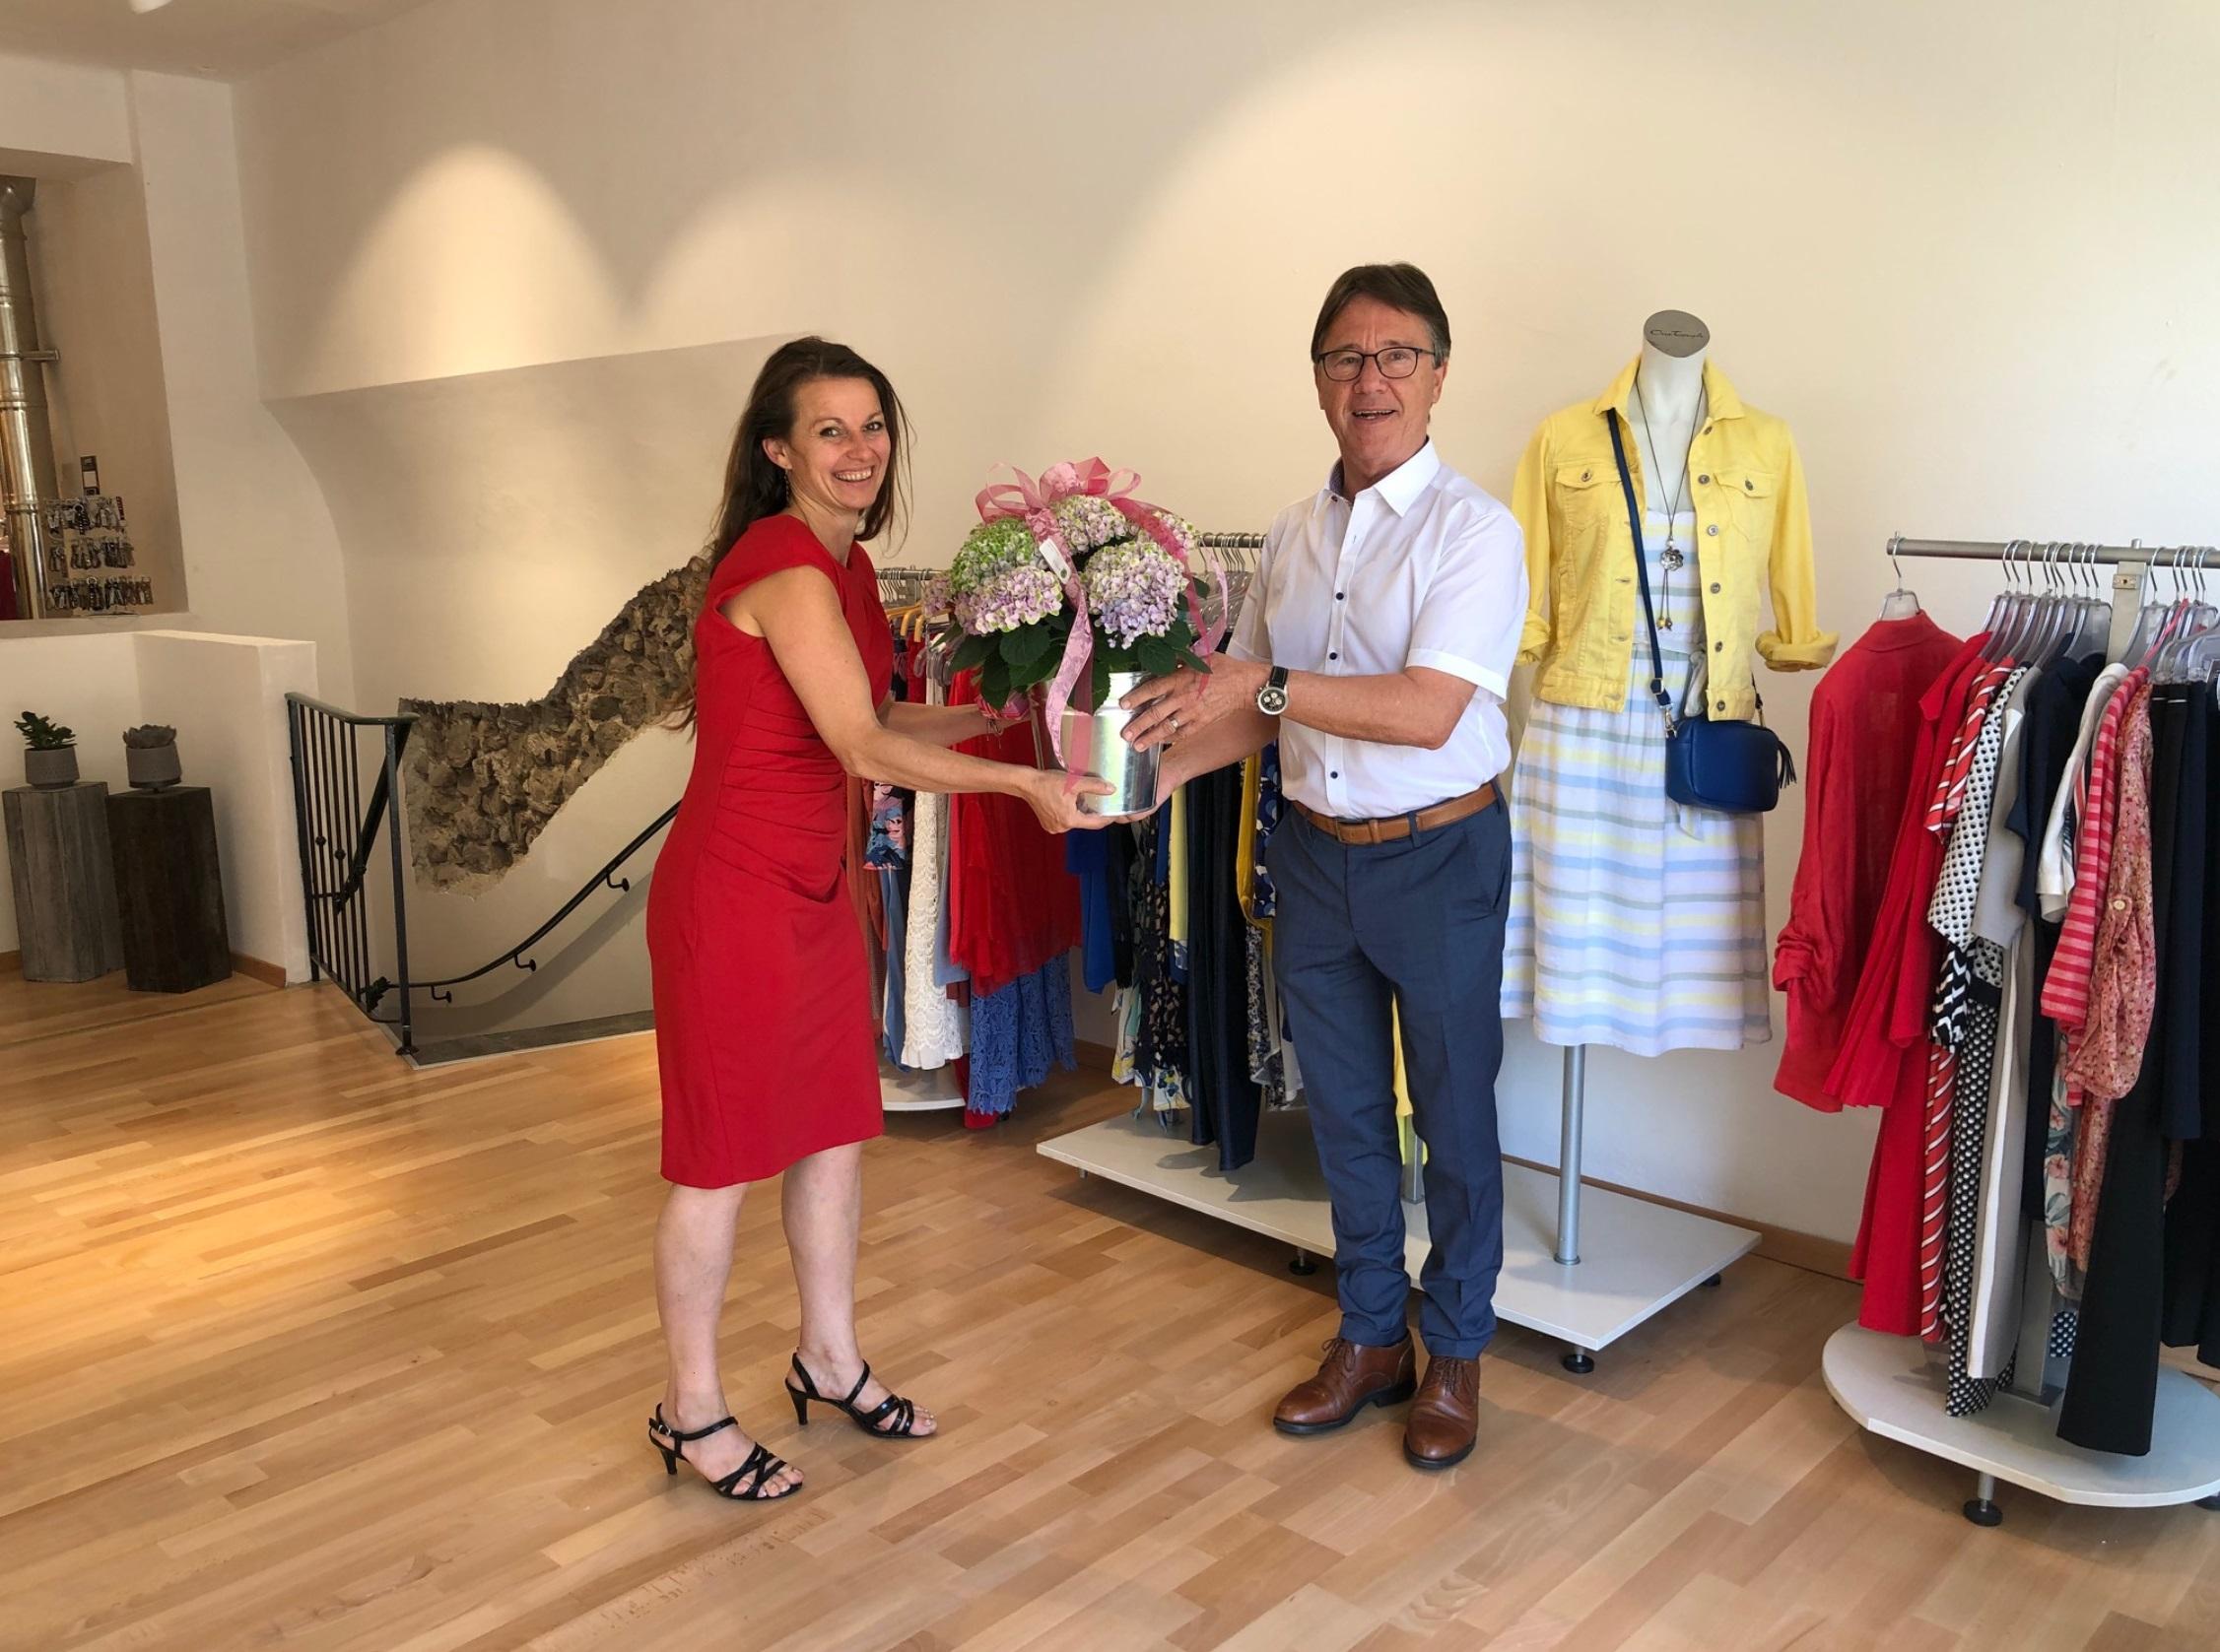 Eröffnung Boutique mit Shop in Mondsee